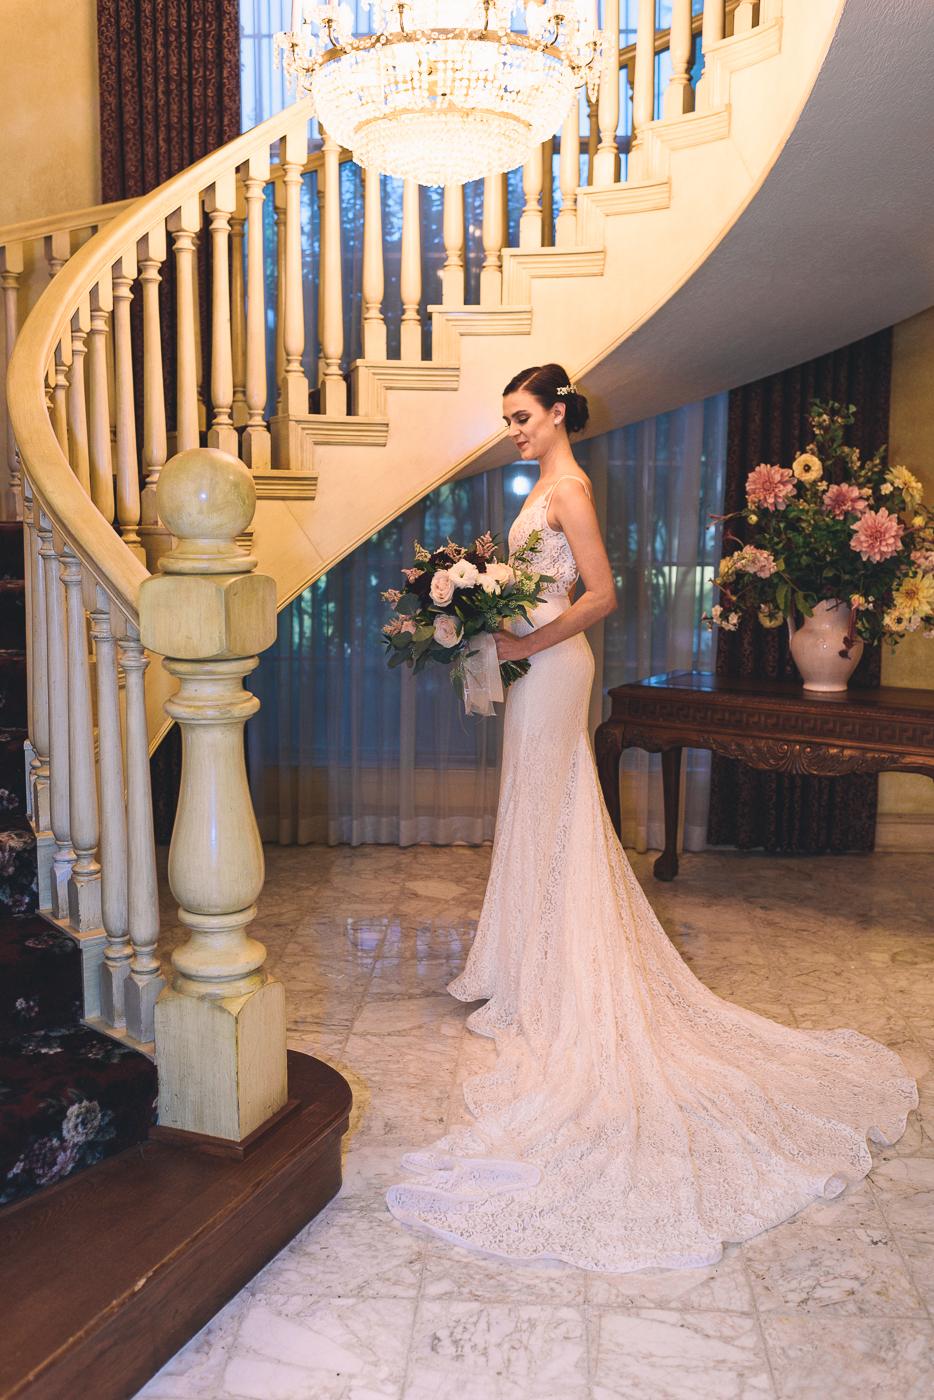 bride spiral staircase bouquet lace train bridal portrait